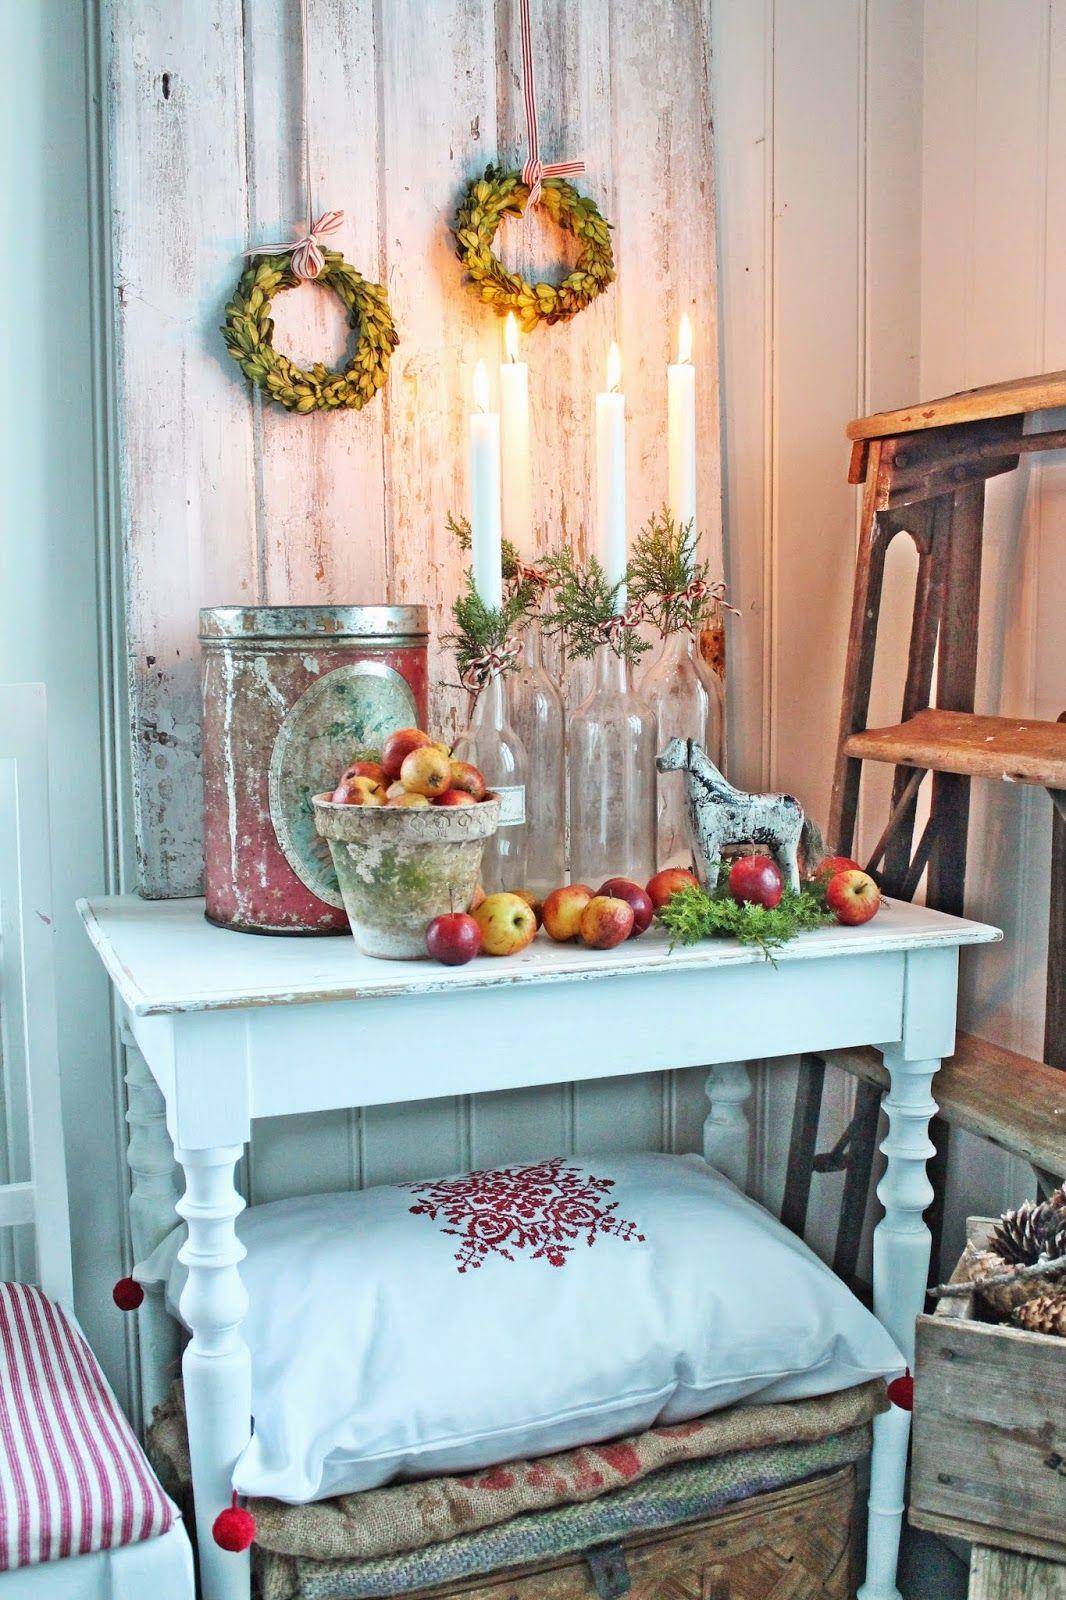 Schön Weihnachten Küche Ideen Pinterest Fotos - Ideen Für Die Küche ...